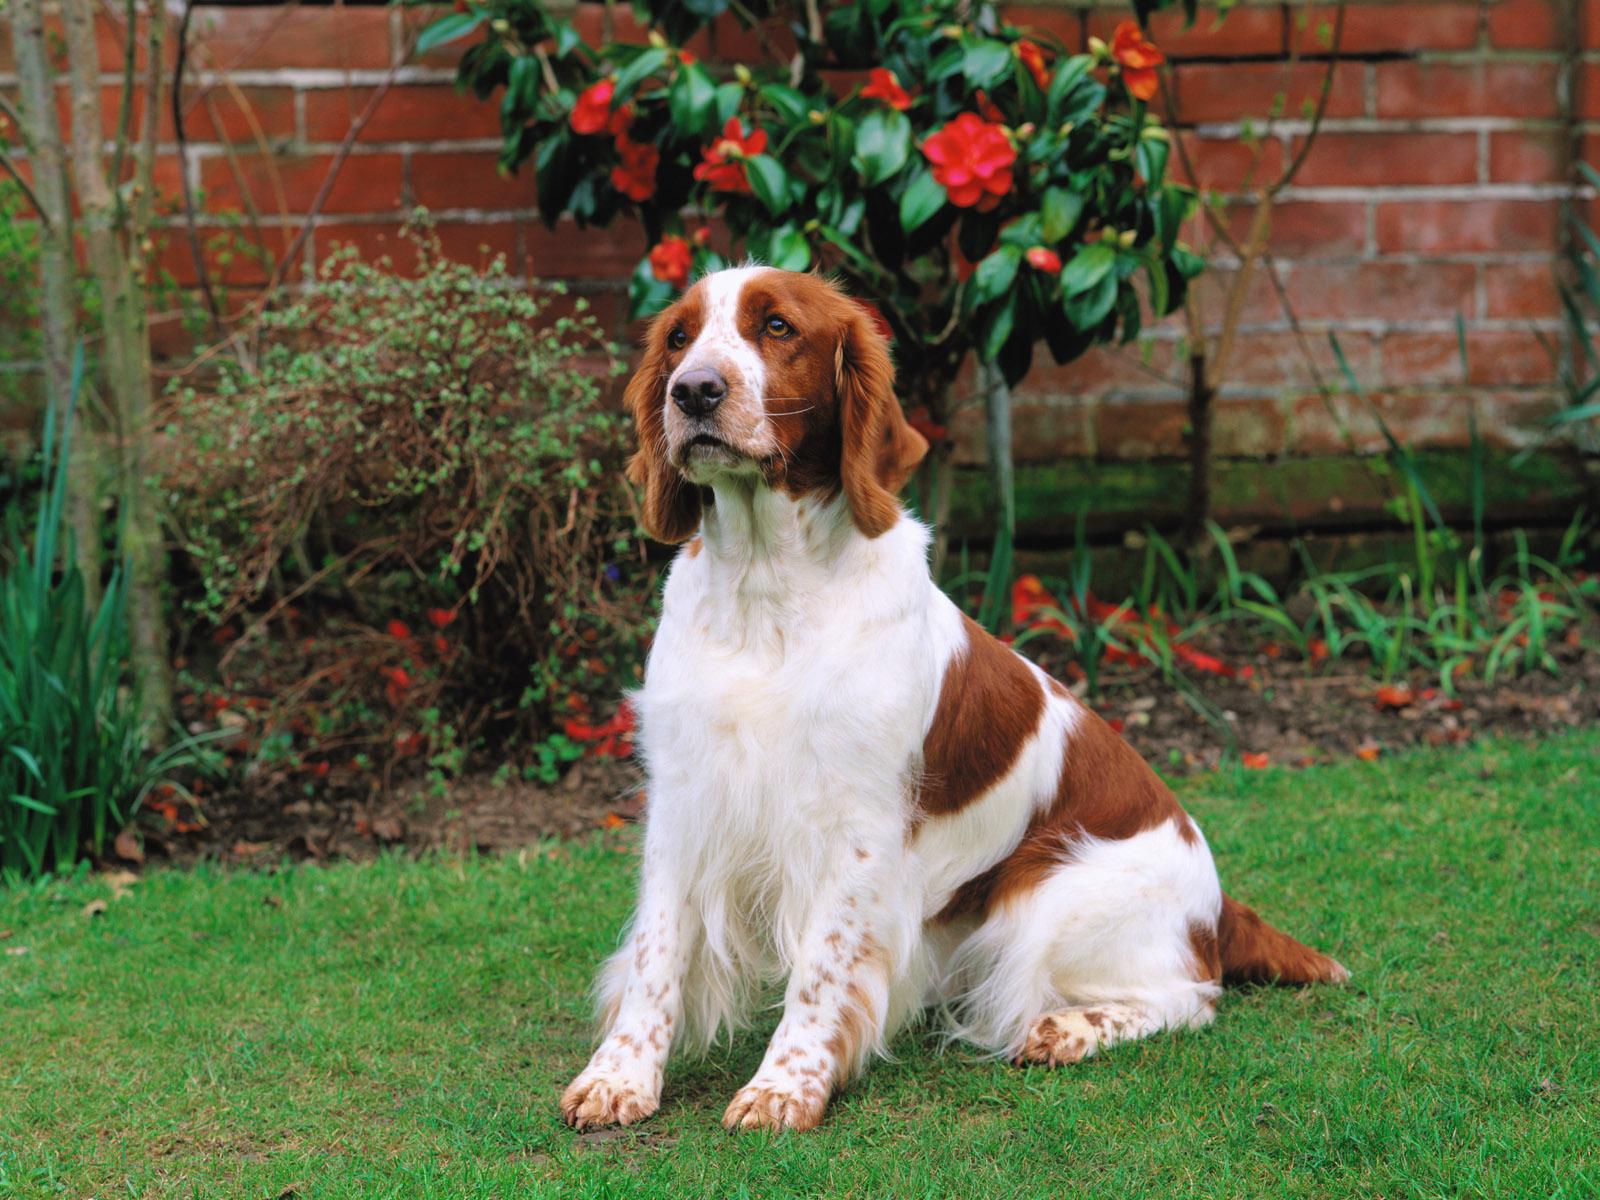 15 fotos en hd de perros tiernos para descargar